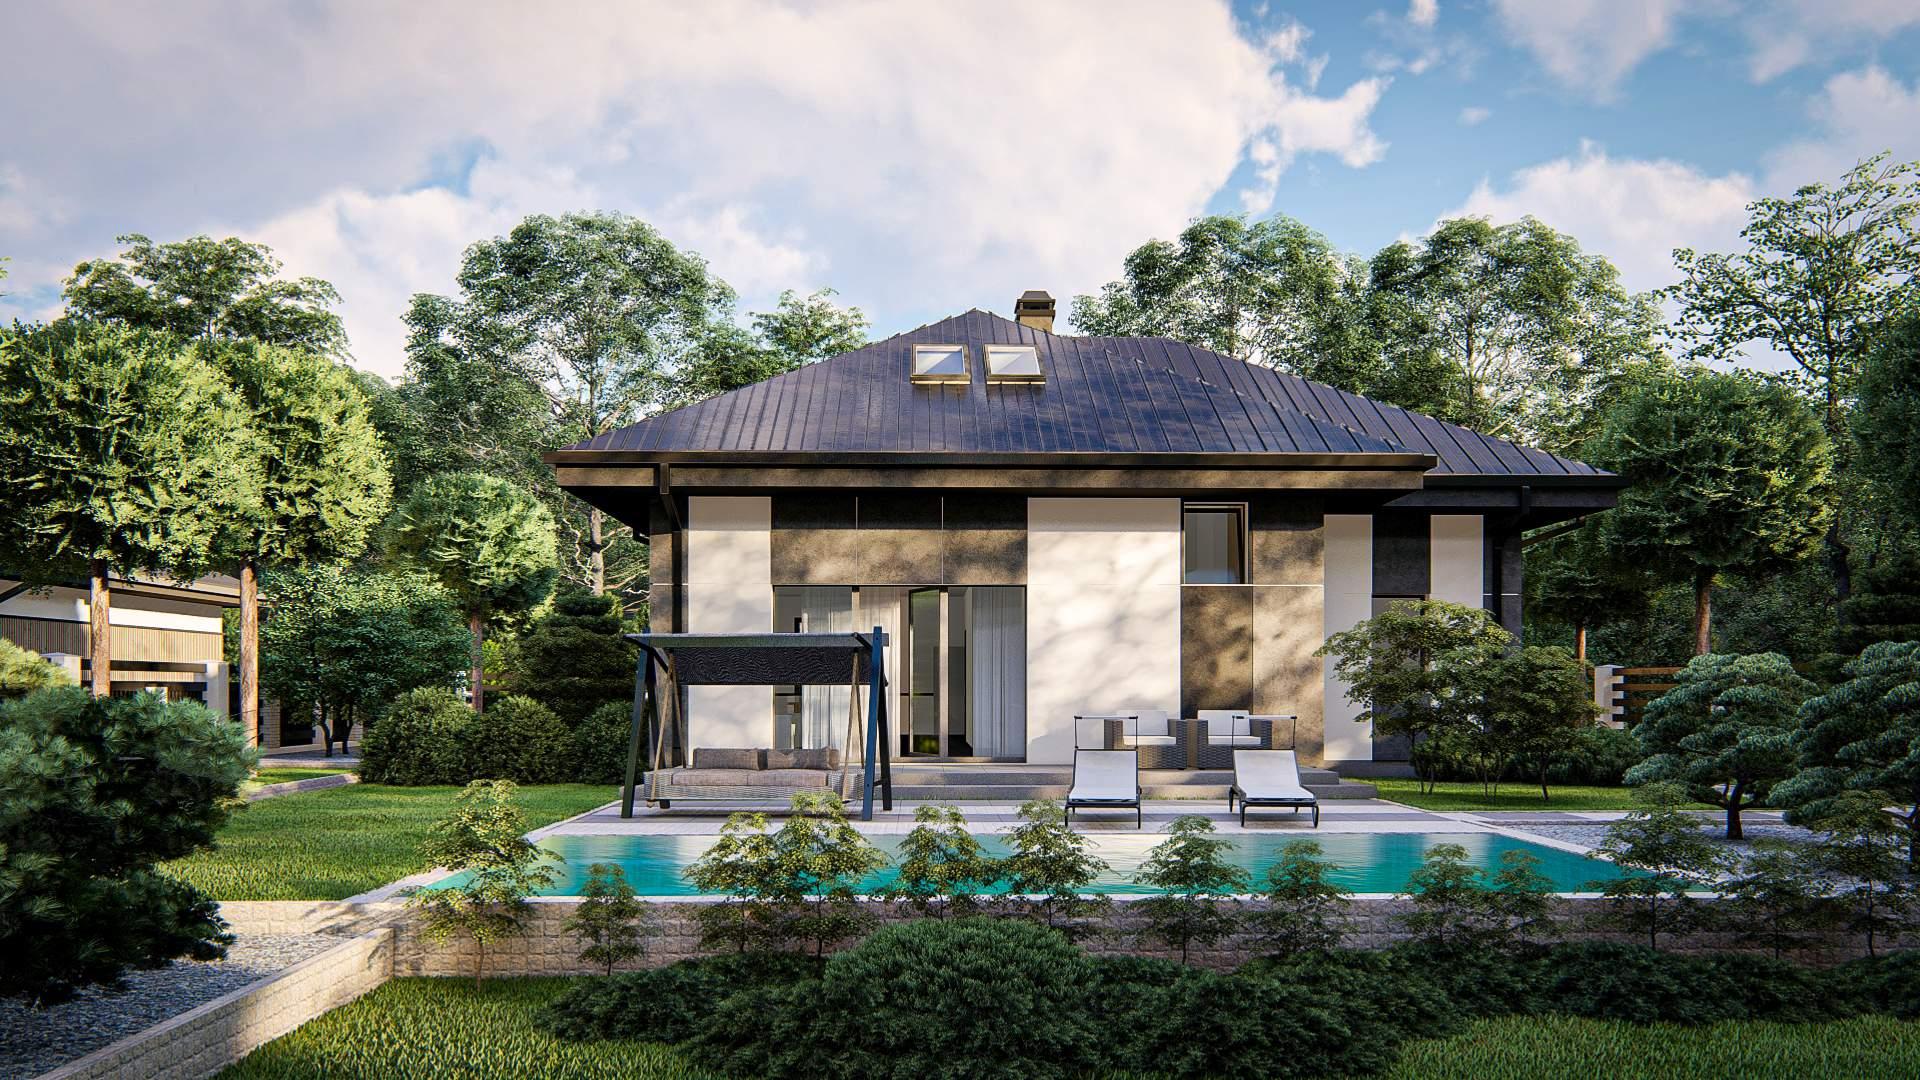 wizualizacja projektu domu jednorodzinnego parterowego